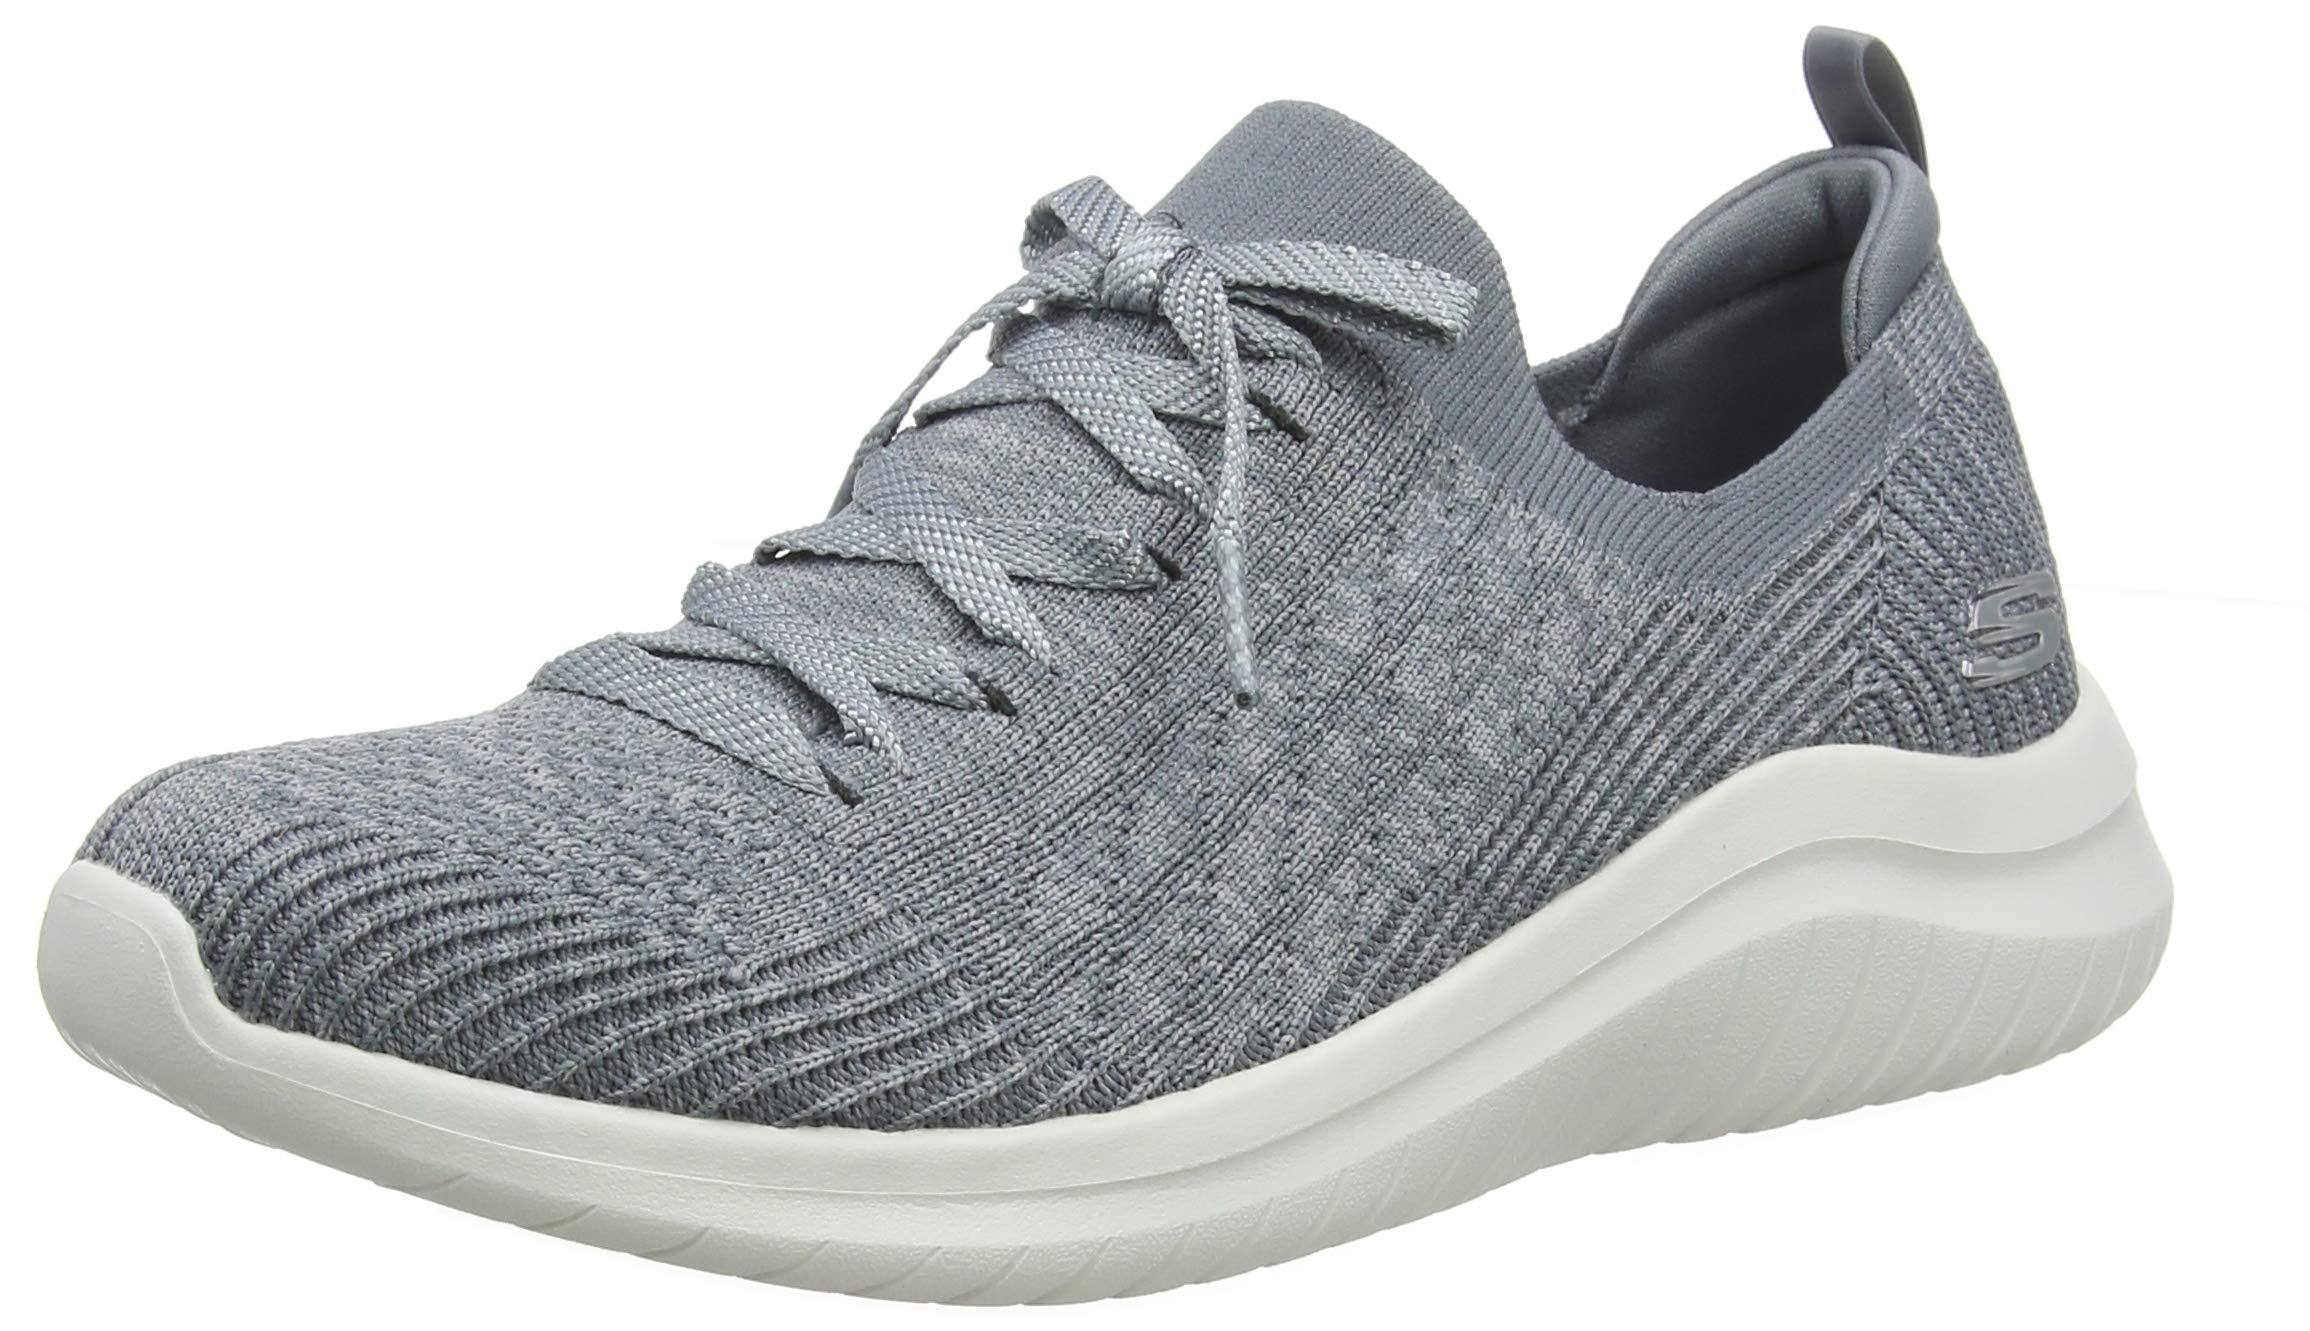 Skechers Women's Ultra Flex 2.0 Sneaker, Grey, 6.5 M US by Skechers